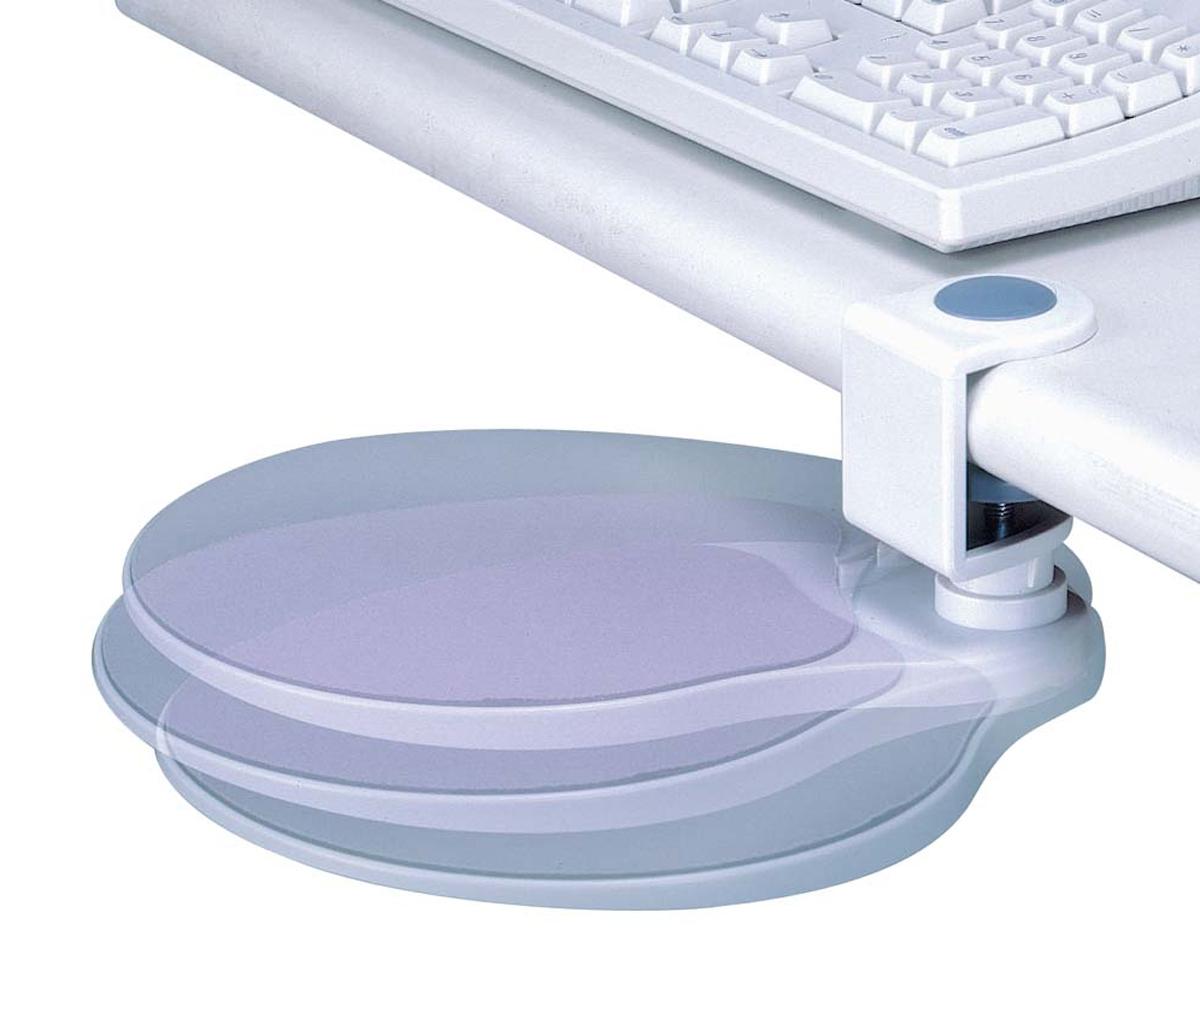 Under Desk Mouse Platform In Desk Accessories